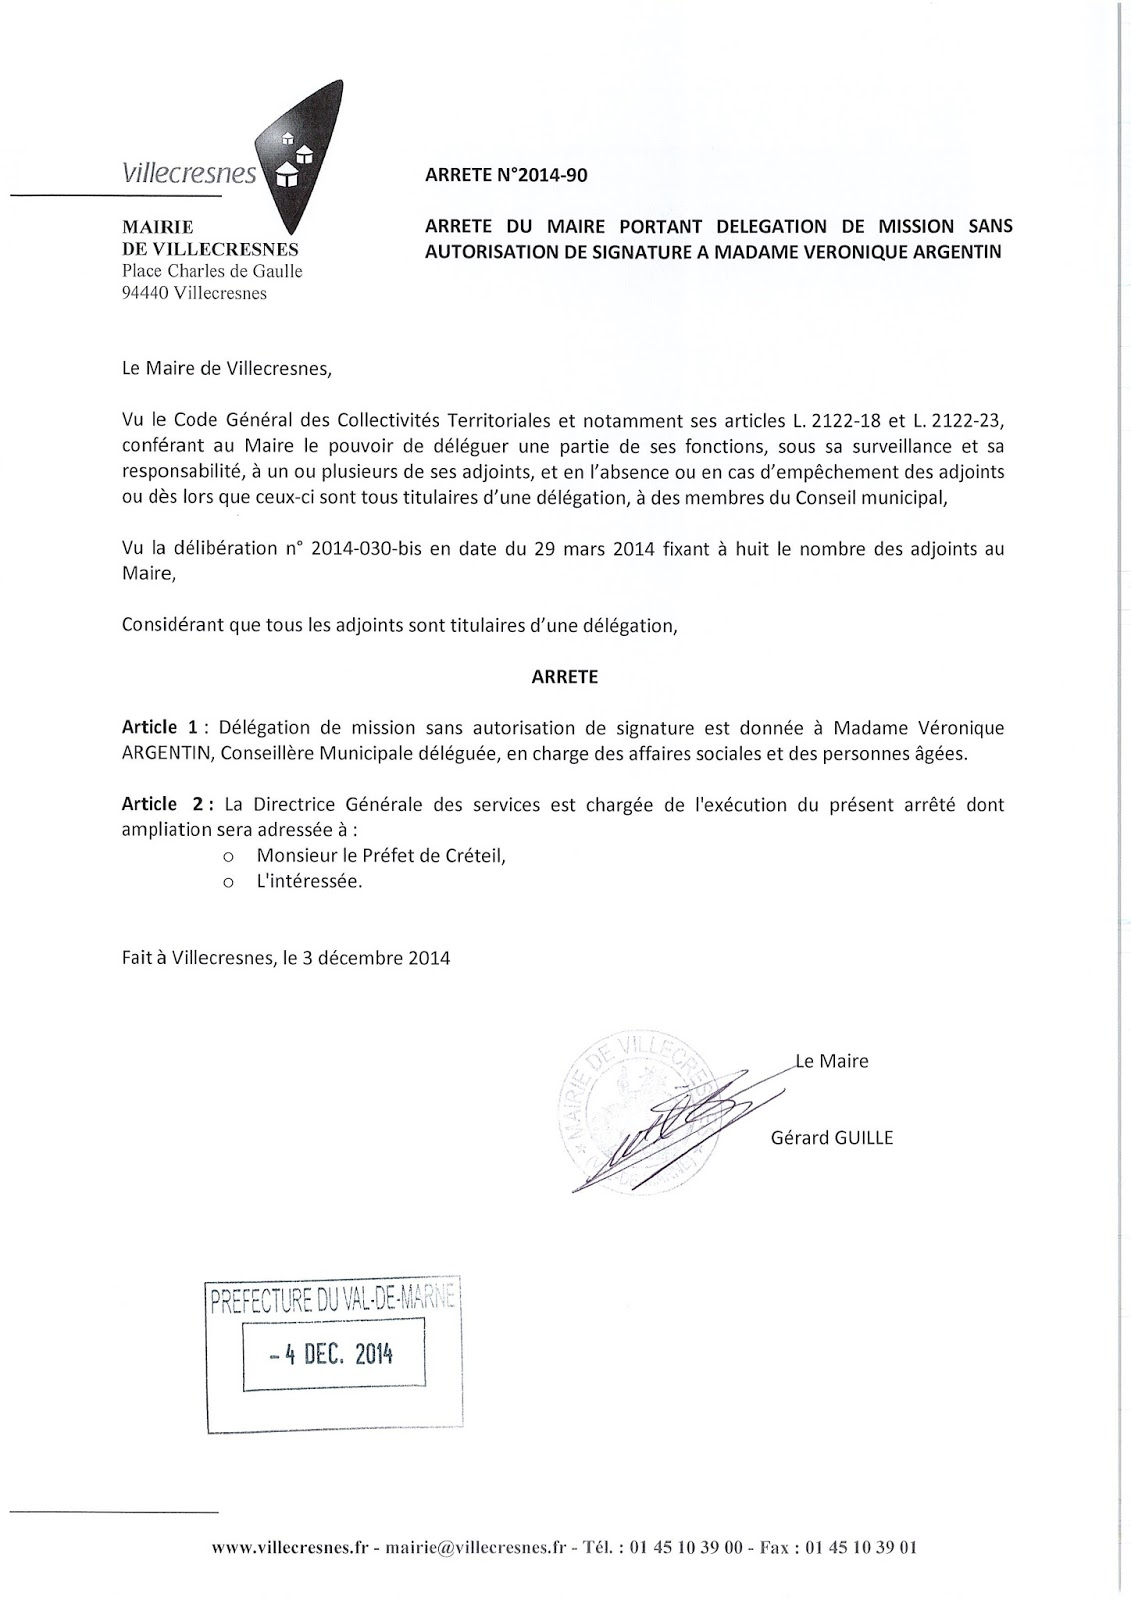 2014-090 Délégation de fonction mission sans autorisation de signature à Madame Véronique Argentin